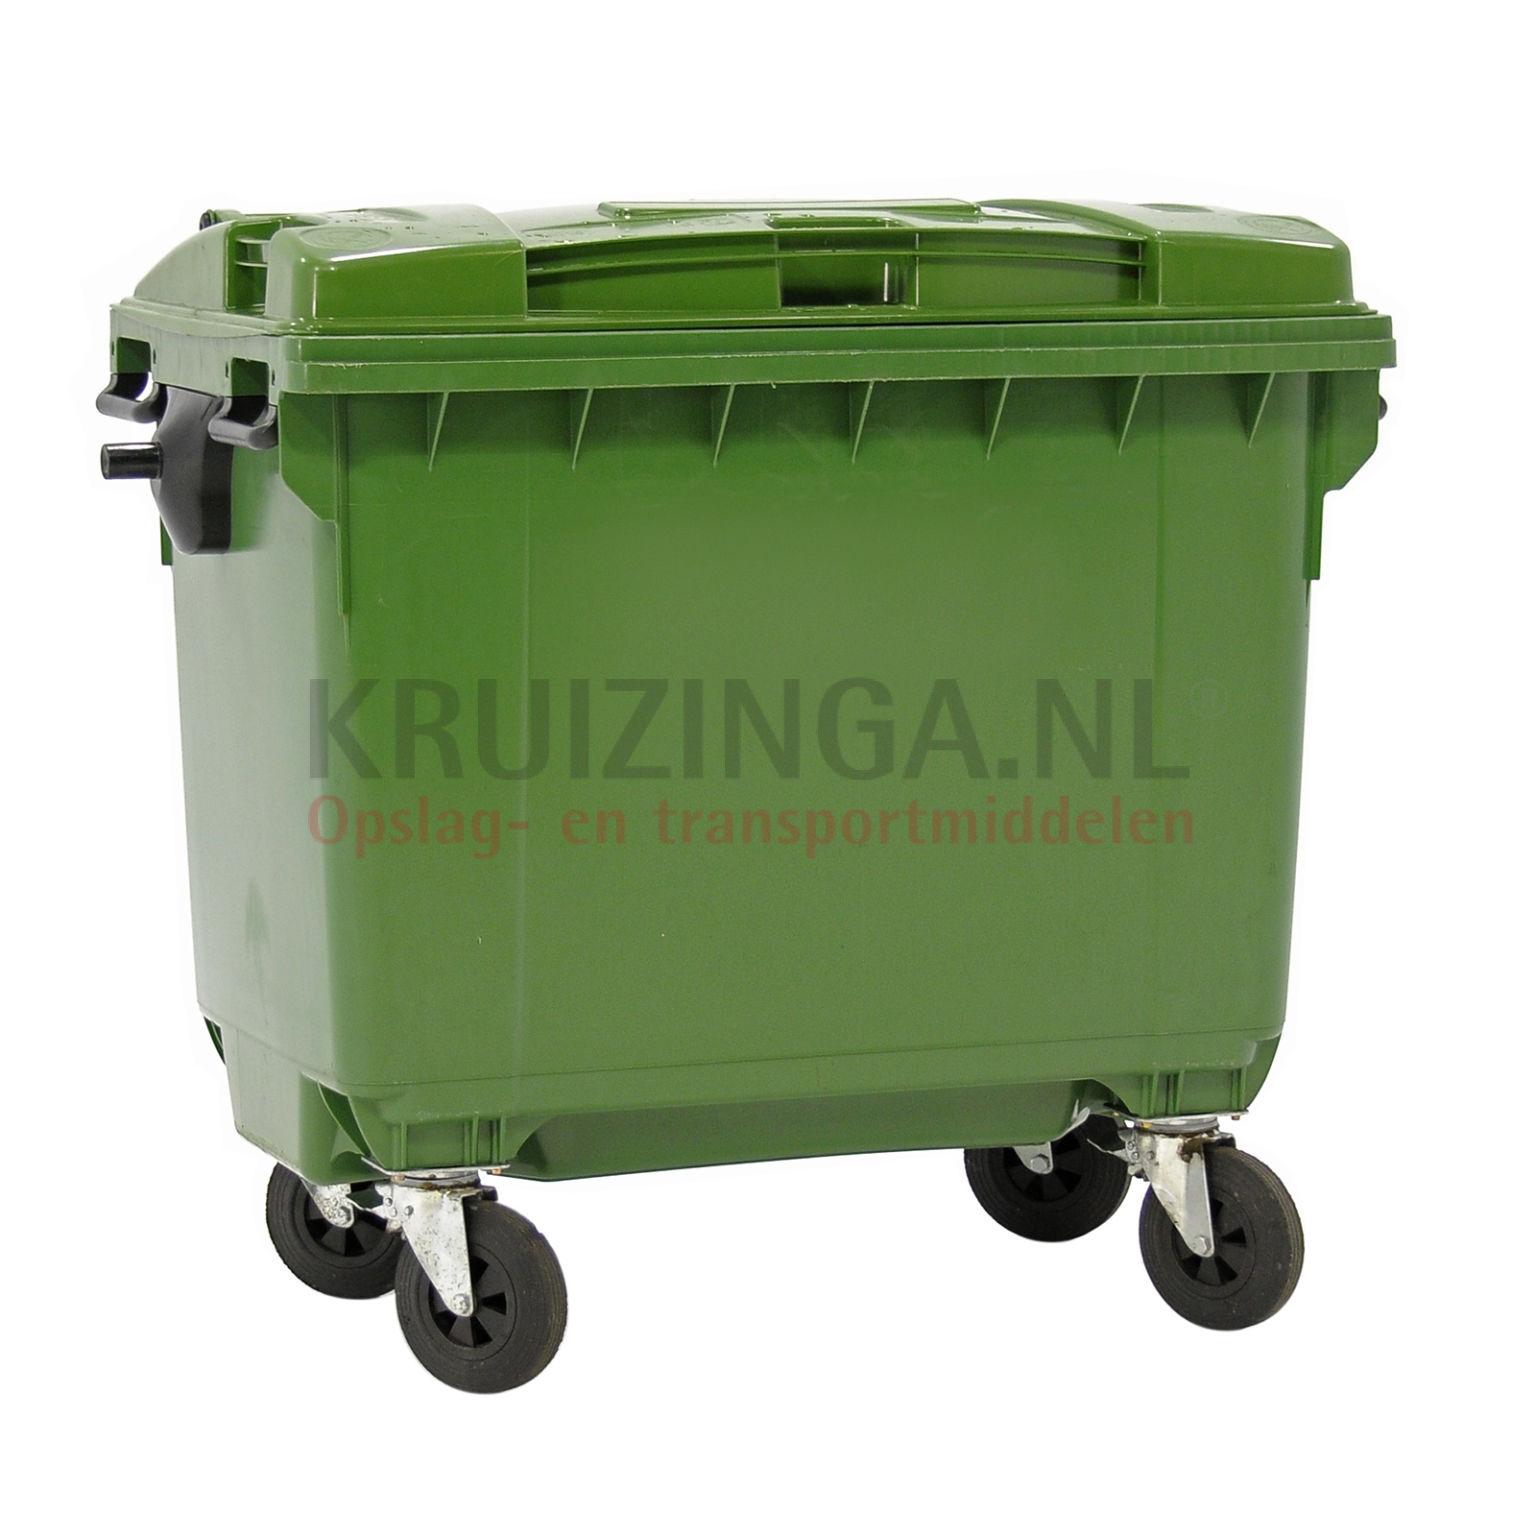 conteneur poubelle d chets et hygi ne conteneur poubelles la norme din avec couvercle articul. Black Bedroom Furniture Sets. Home Design Ideas